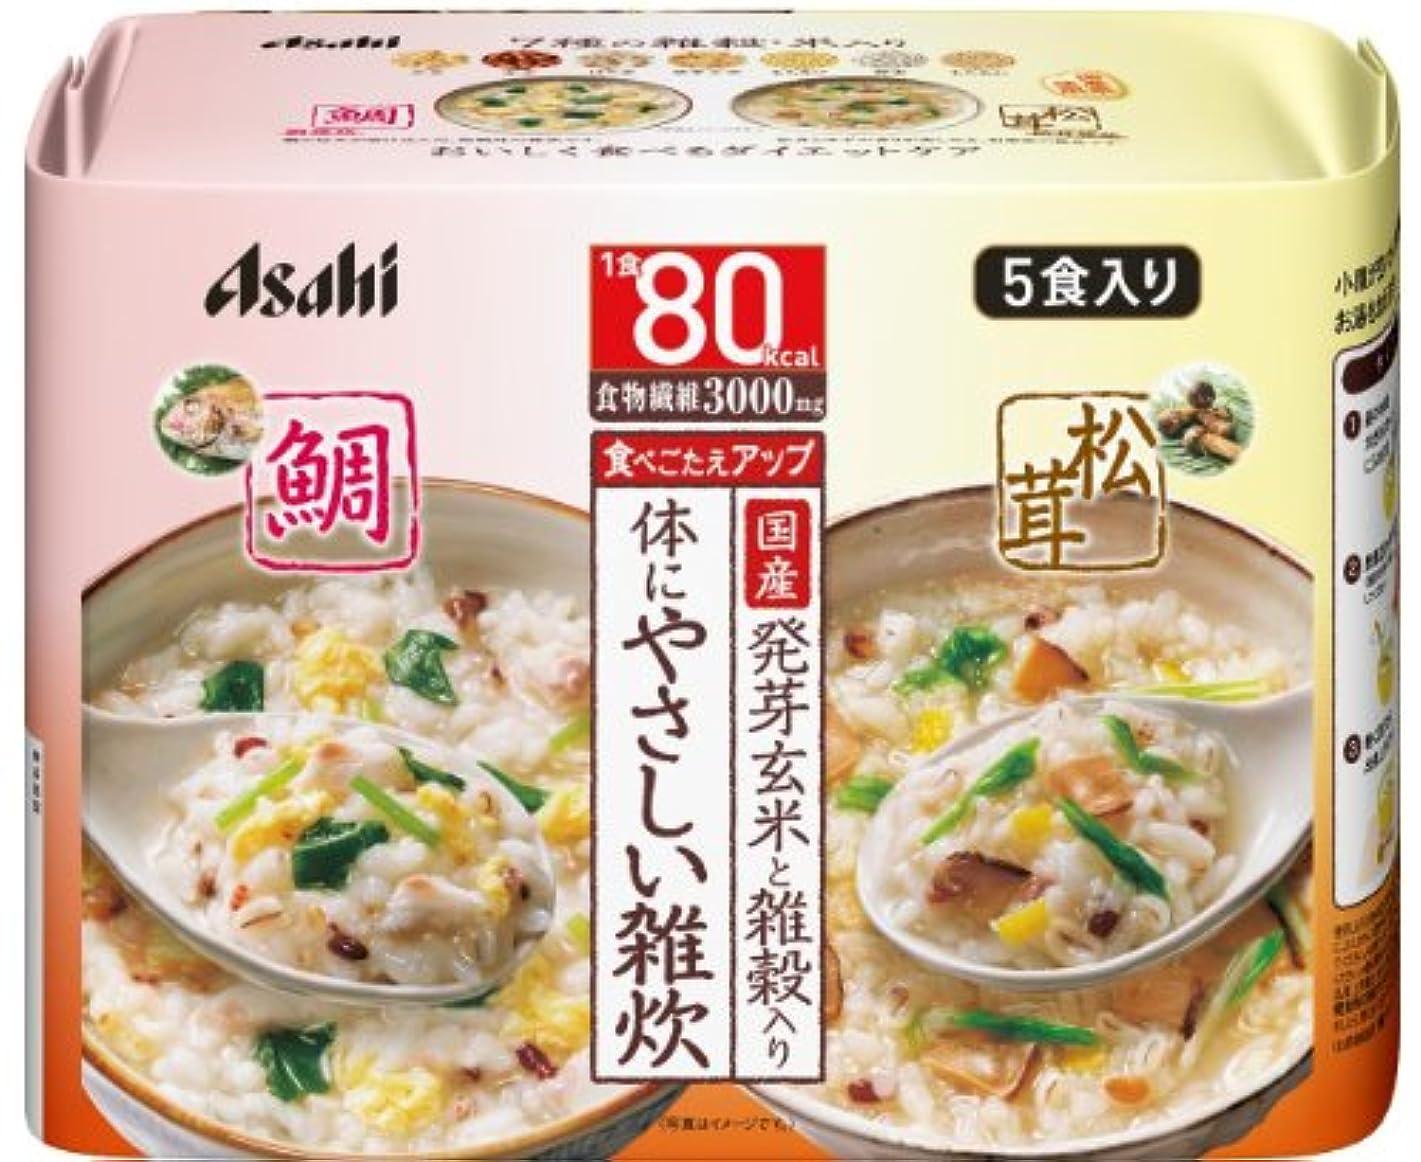 争い擁する開梱リセットボディ 体にやさしい鯛&松茸雑炊 5食入